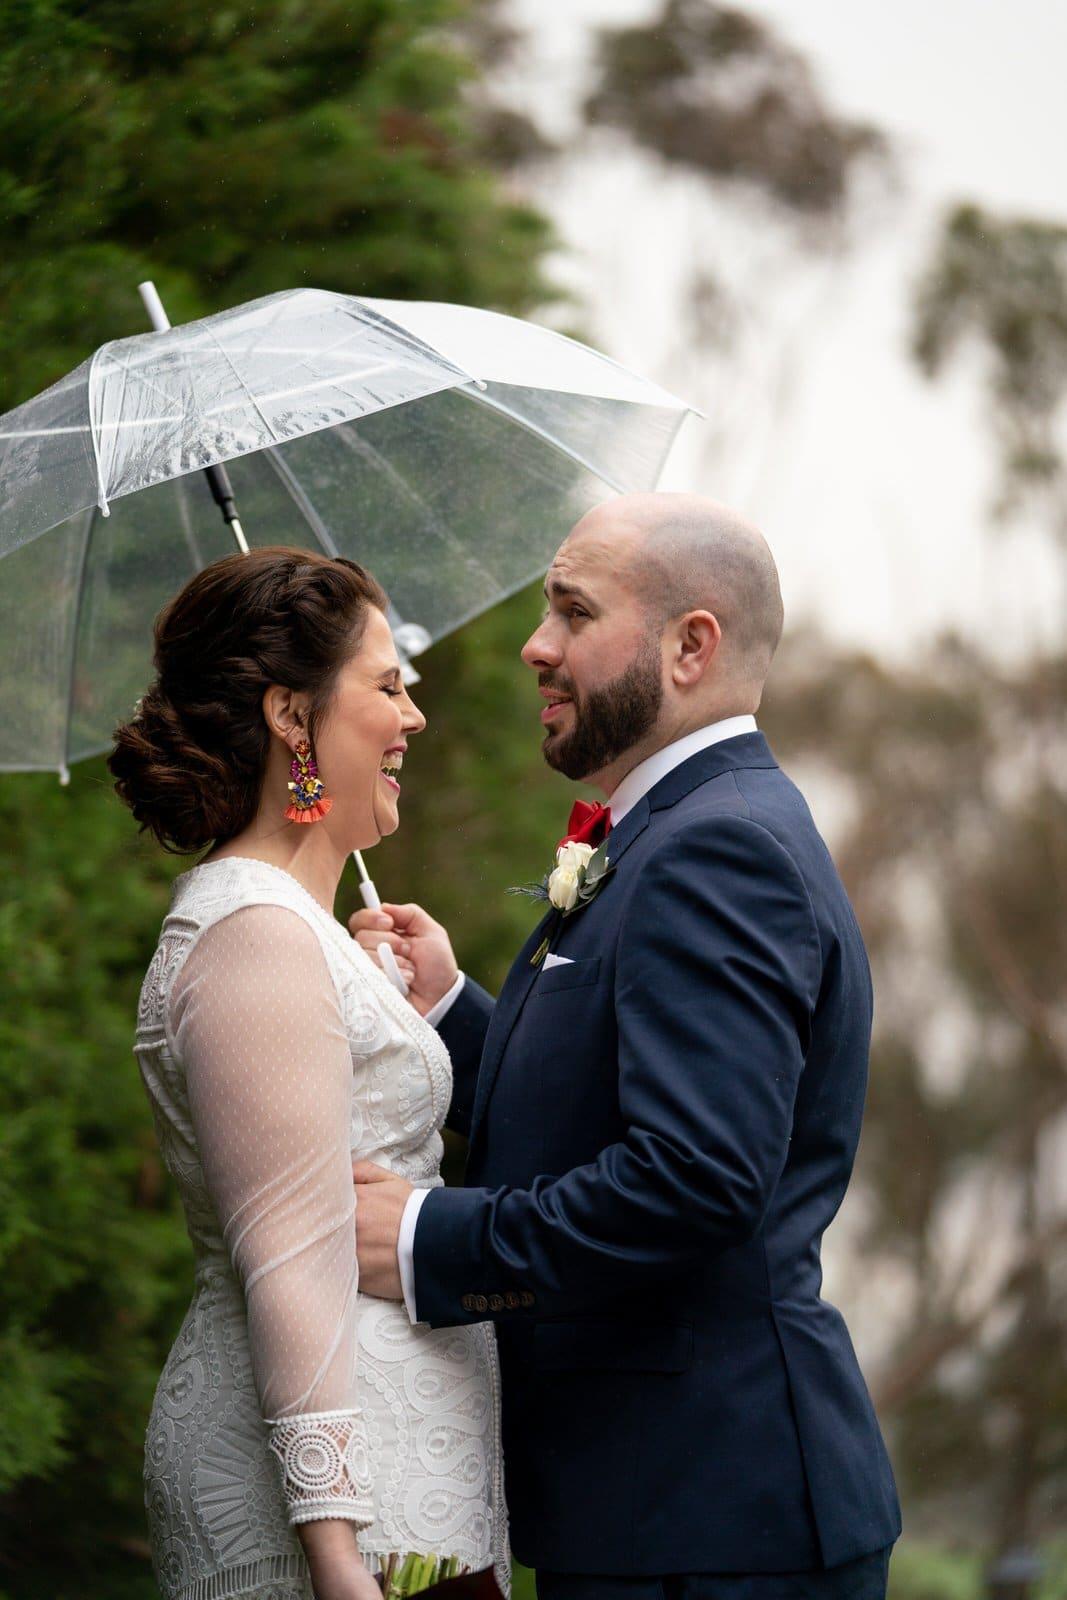 Raining bride & groom